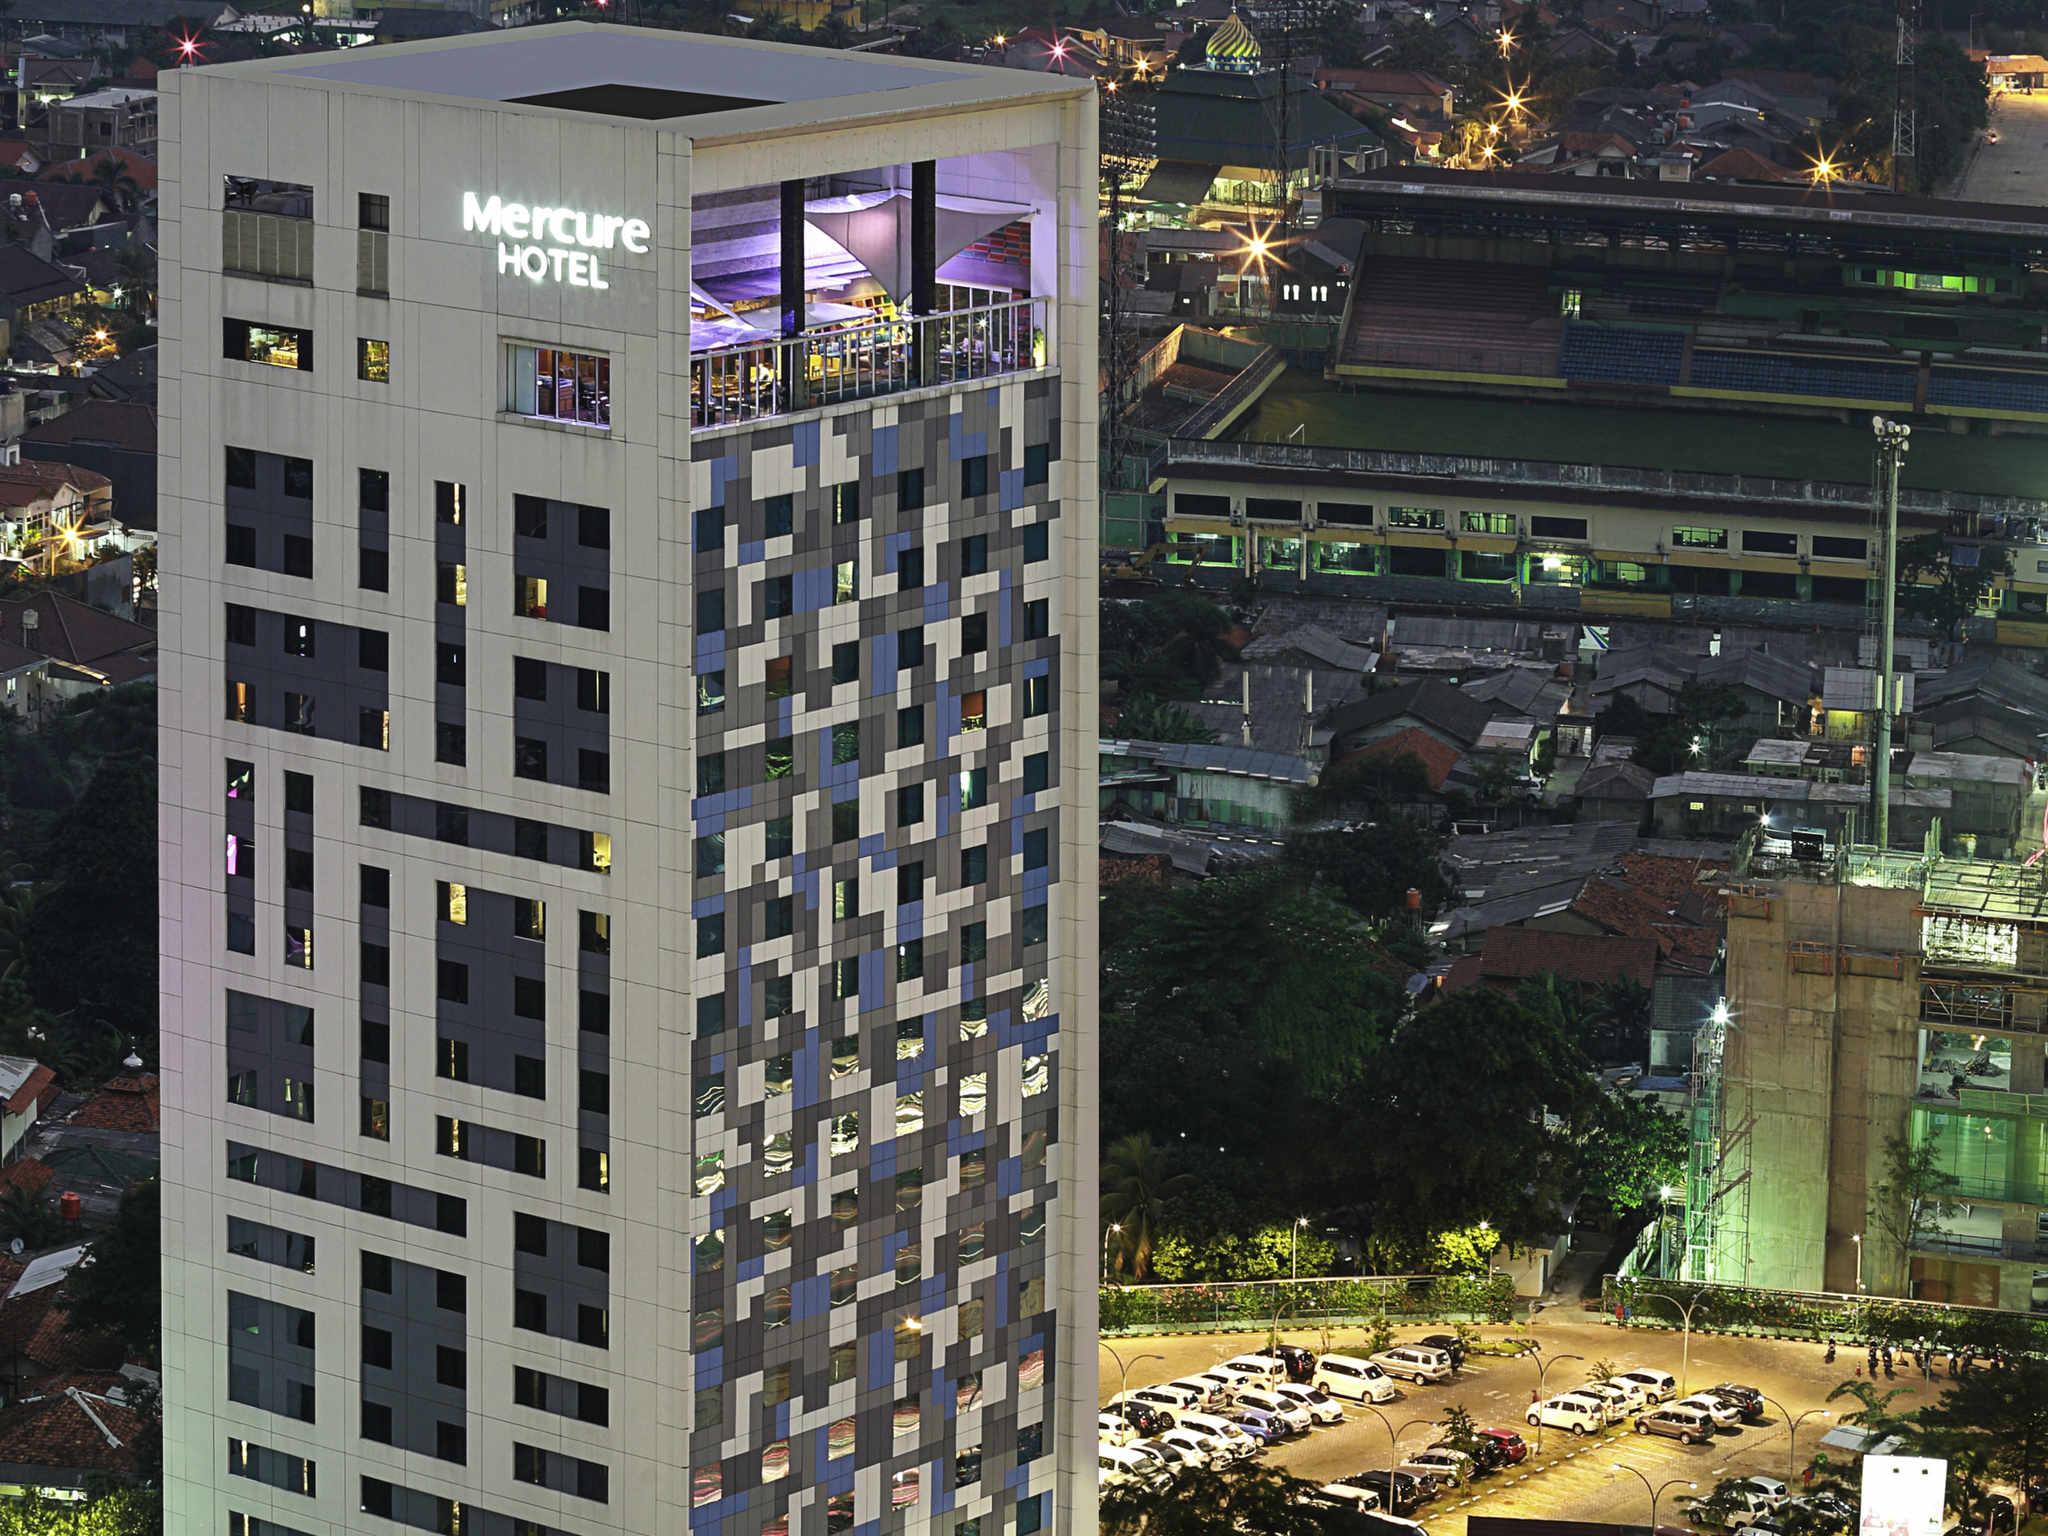 โรงแรม – เมอร์เคียว จาการ์ตา ซีมาตูปัง